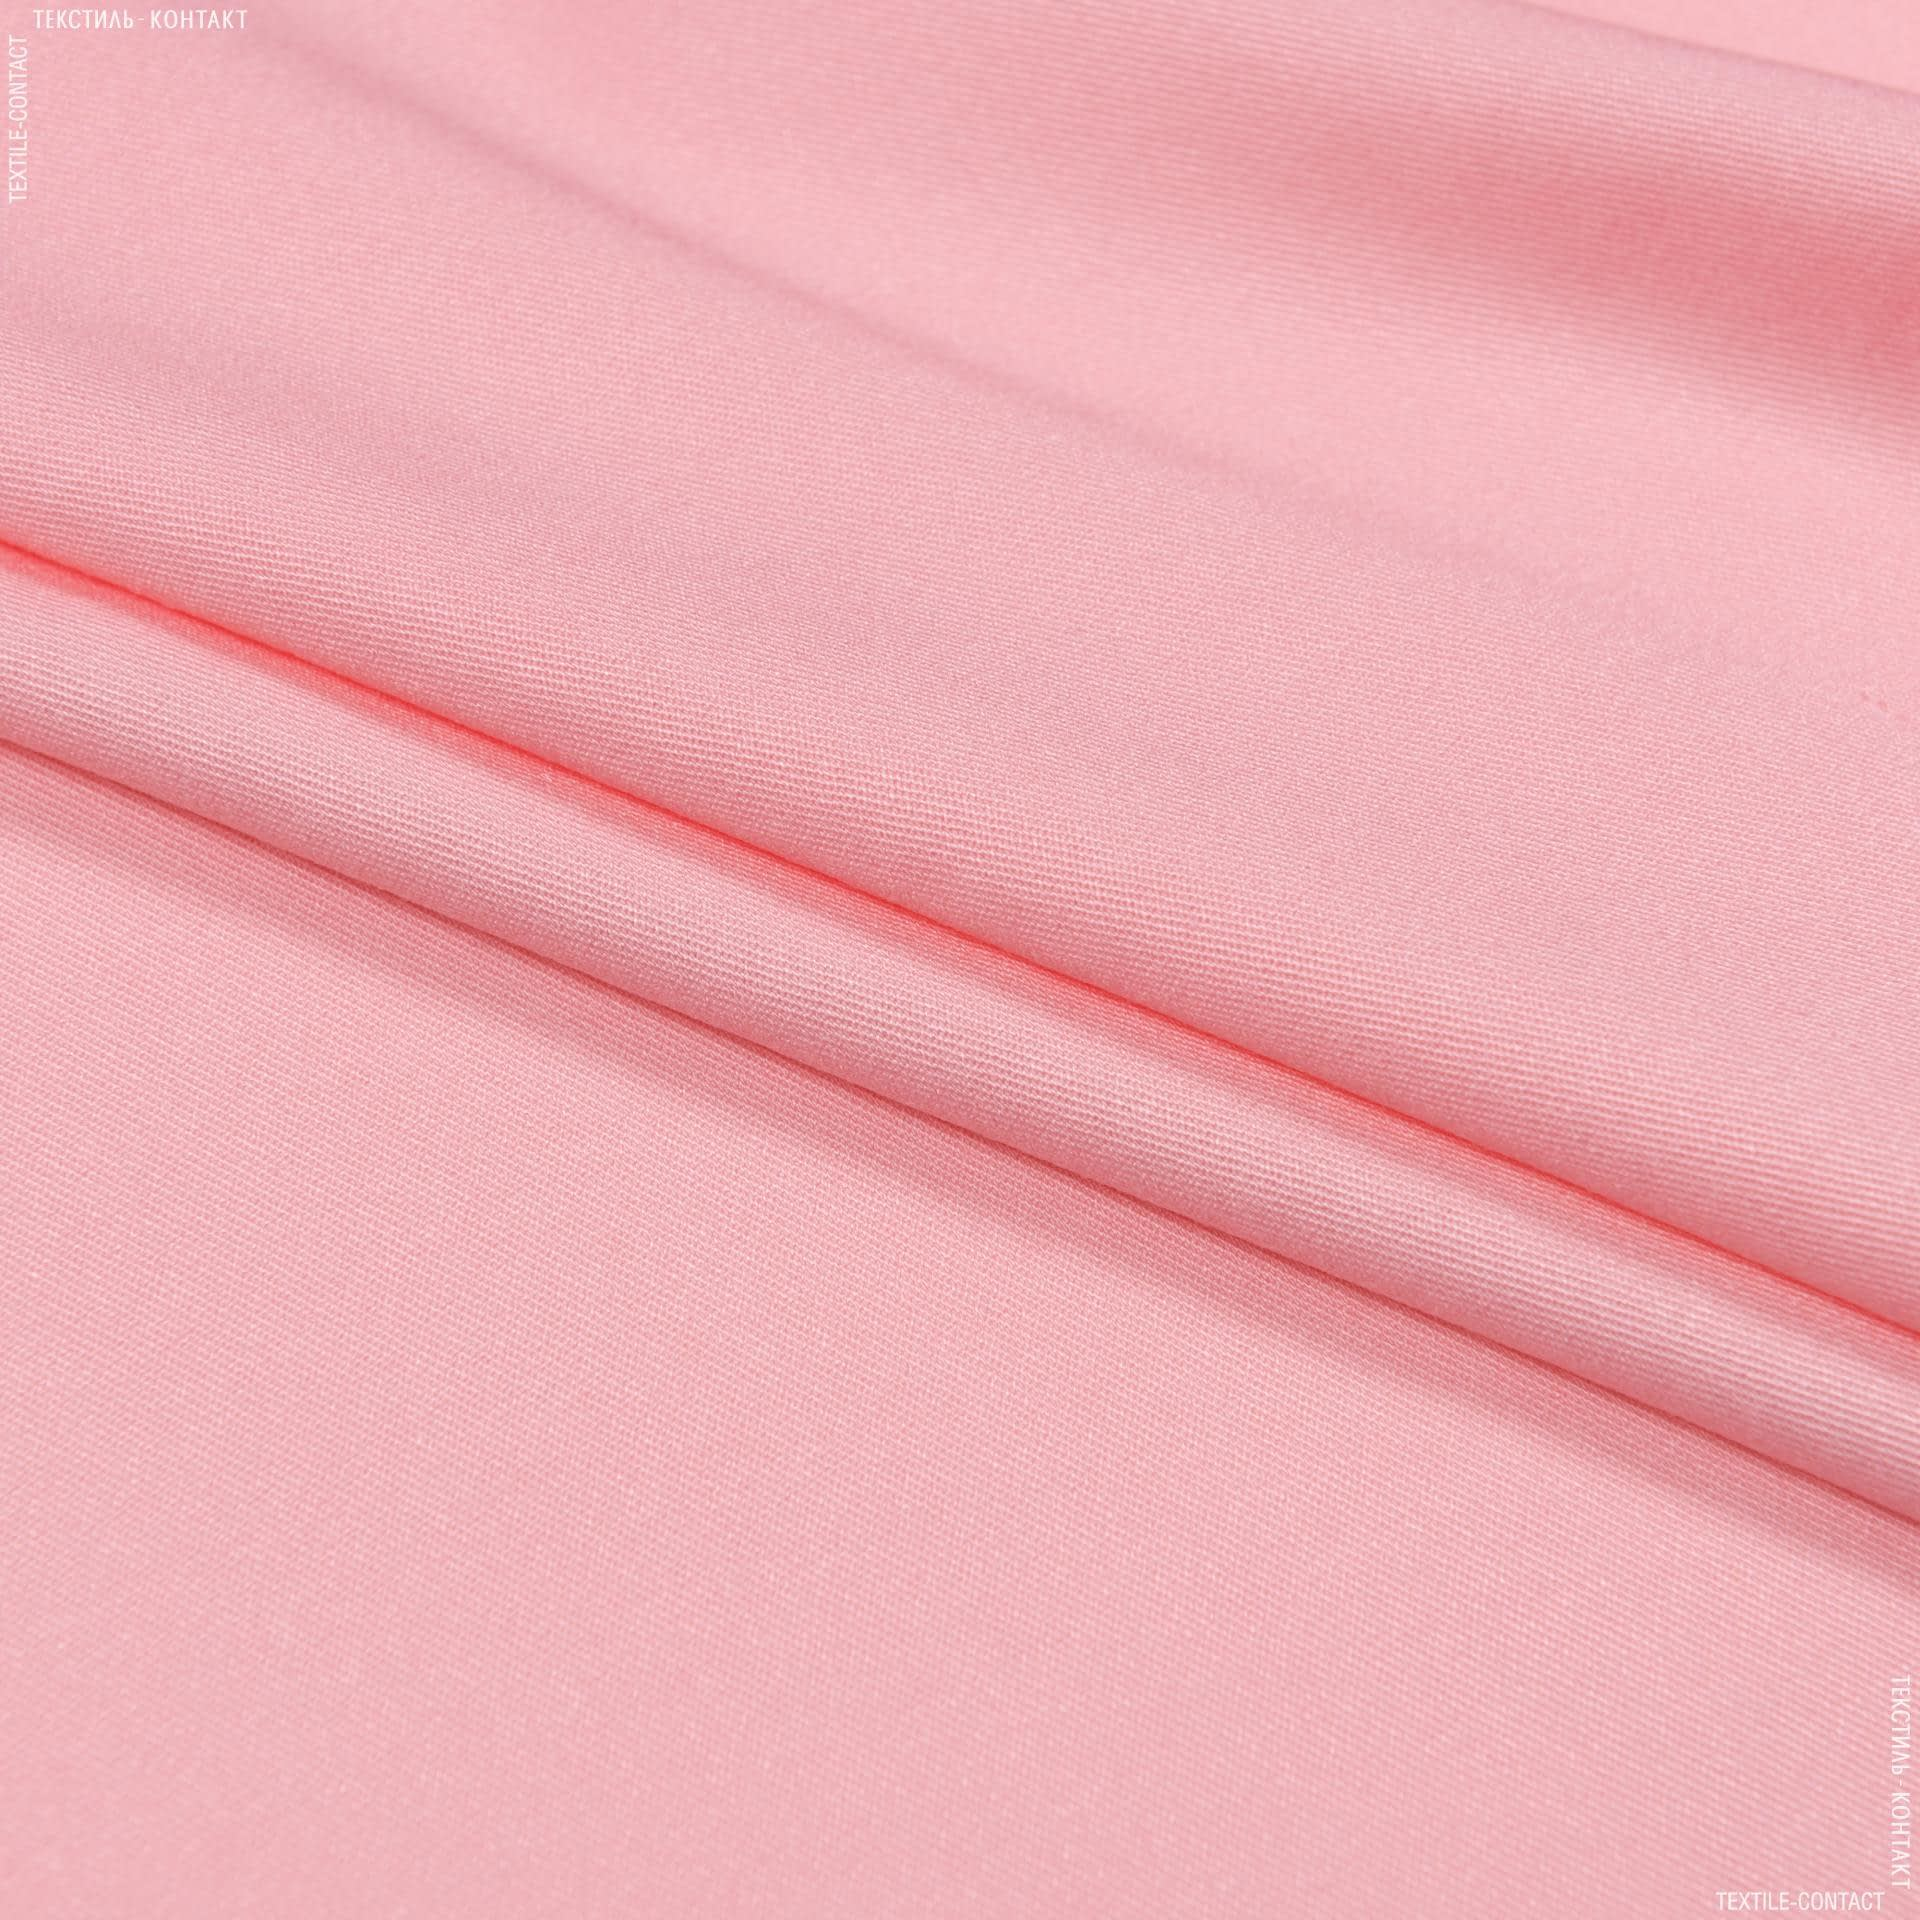 Тканини для костюмів - Костюмна дені світло-абрикосовий